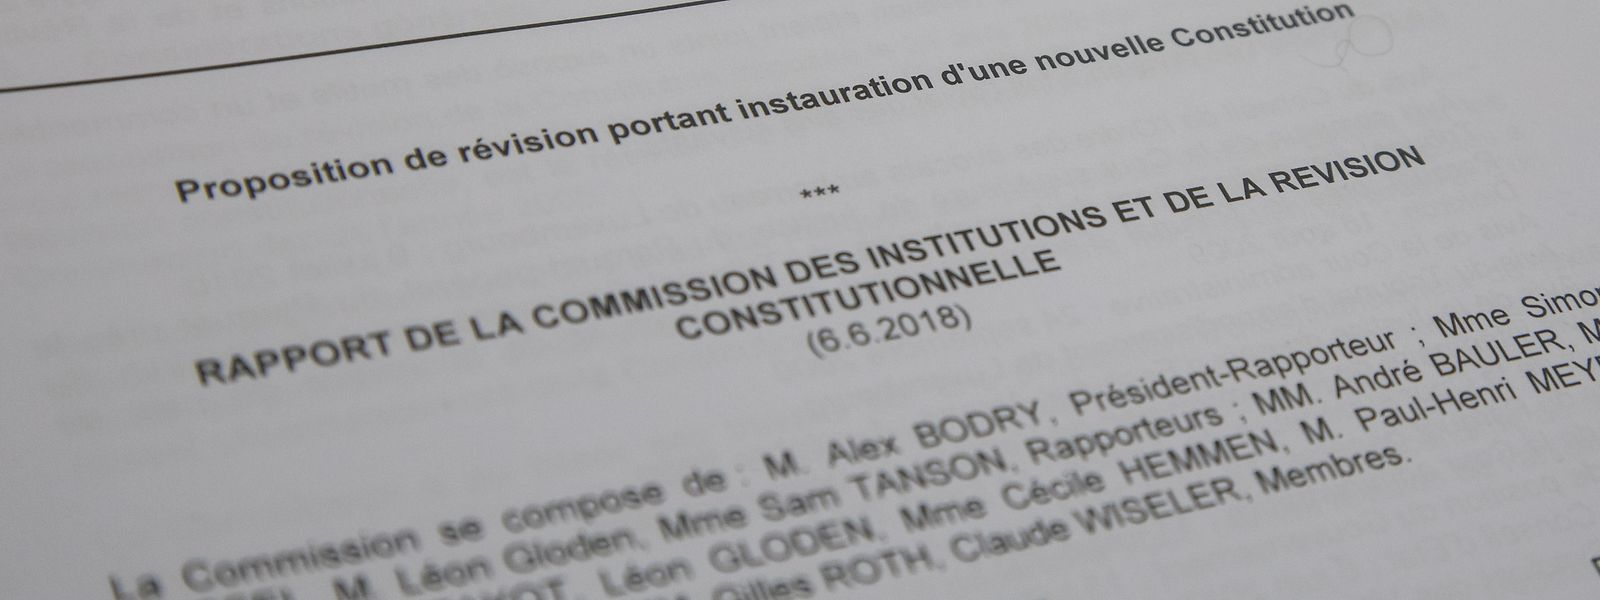 Die CSV erklärte am Donnerstag, warum sie von einem komplett neuen Grundgesetz absieht.